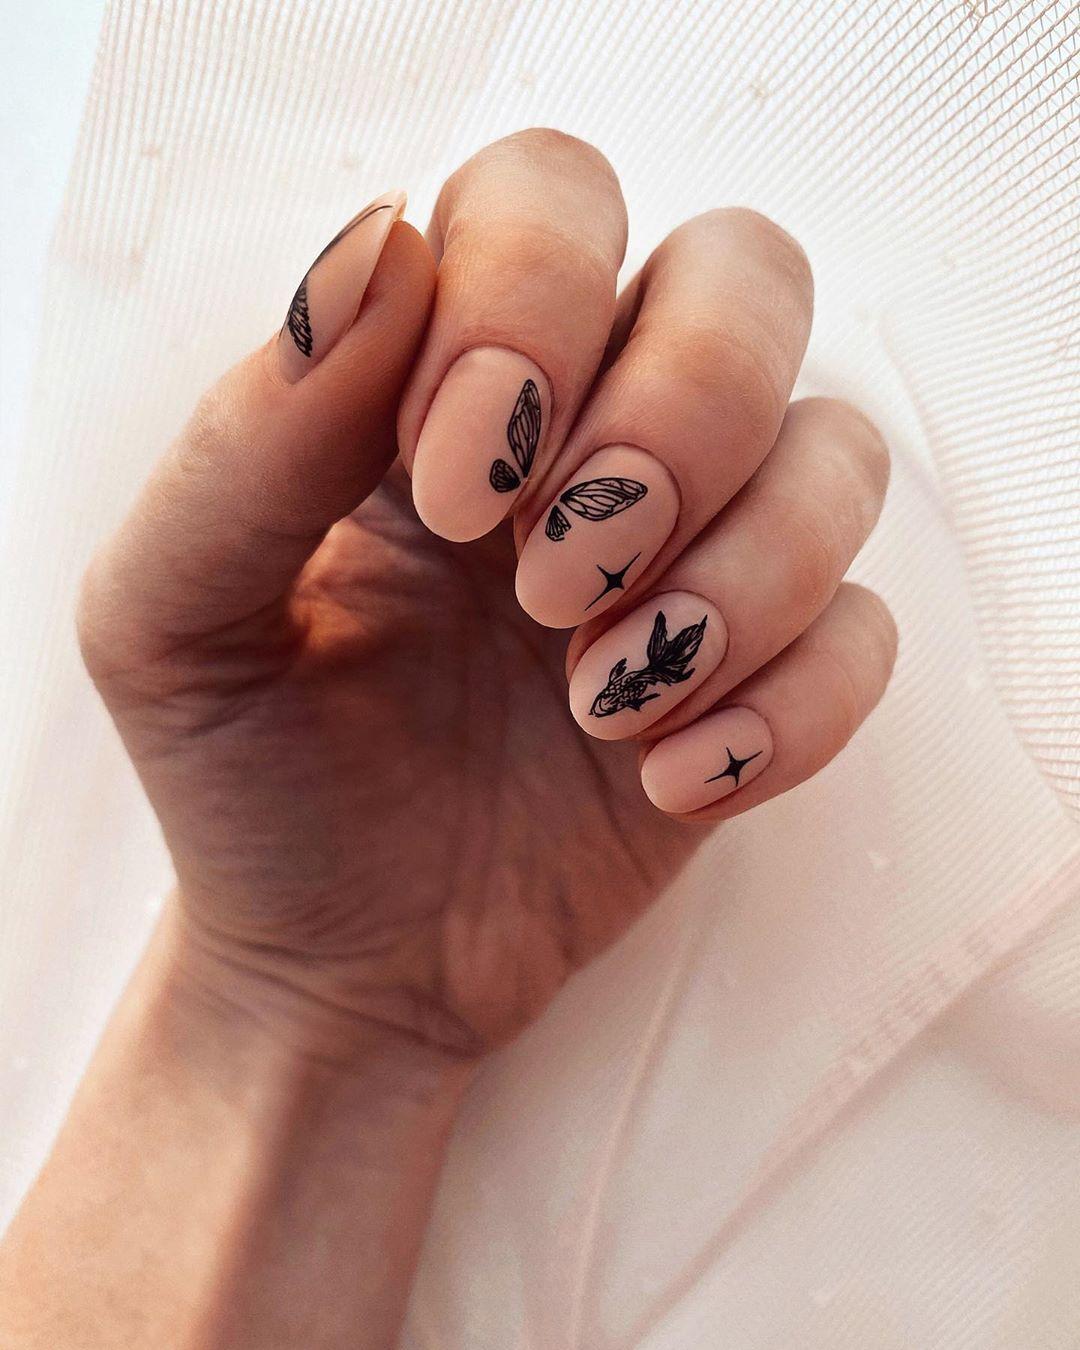 Элегантный маникюр 2021-2022: стильные фото новинки модного дизайна ногтей